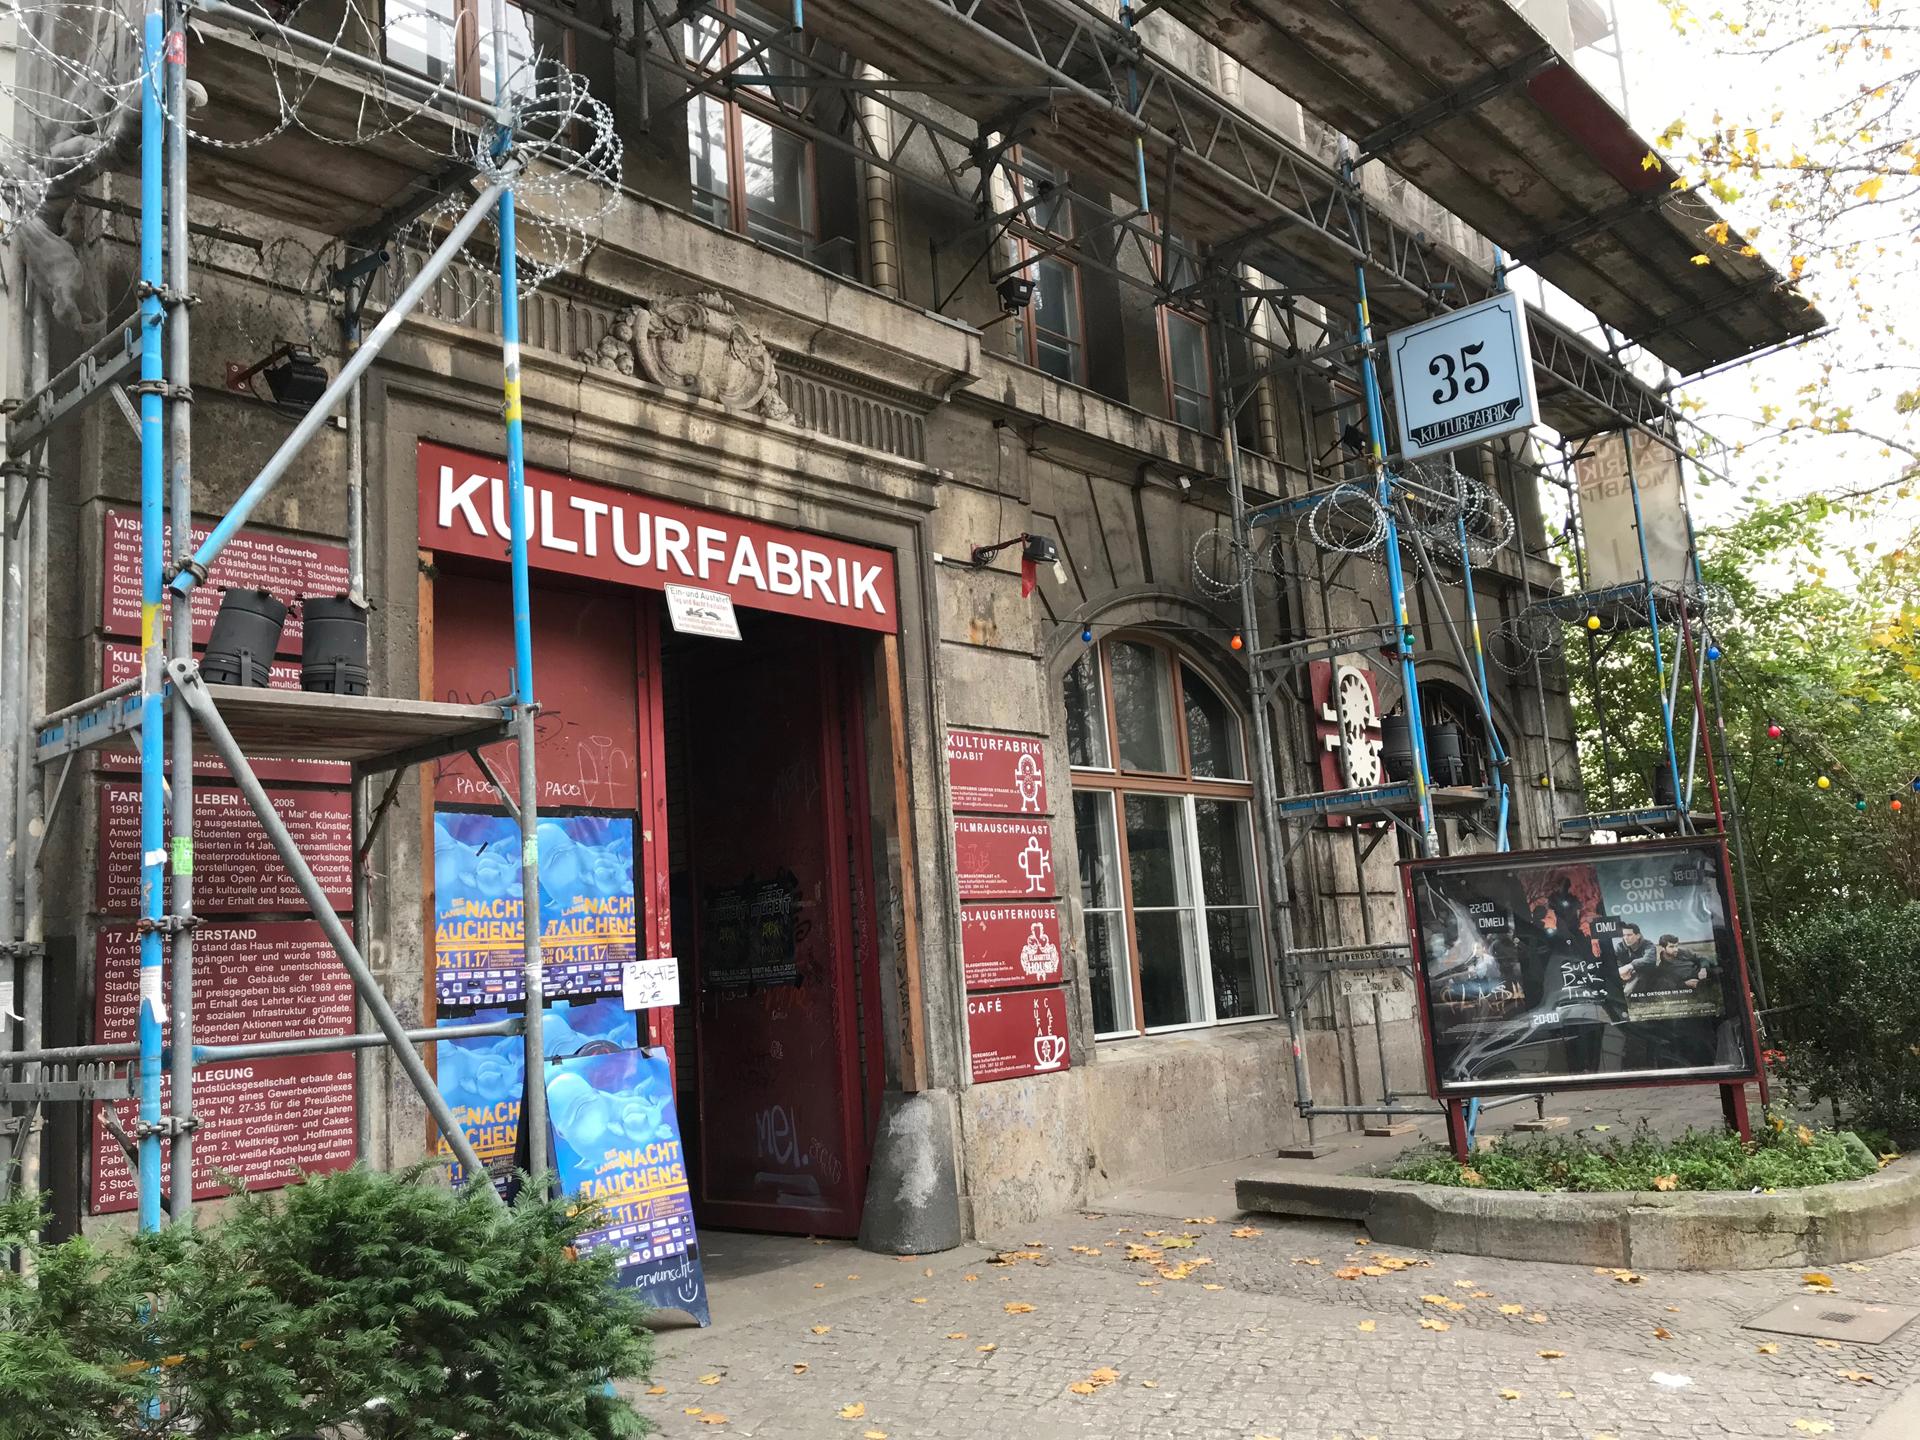 Kulturfabrik Moabit - Veranstaltungsort für die Lange Nacht des Tauchens.